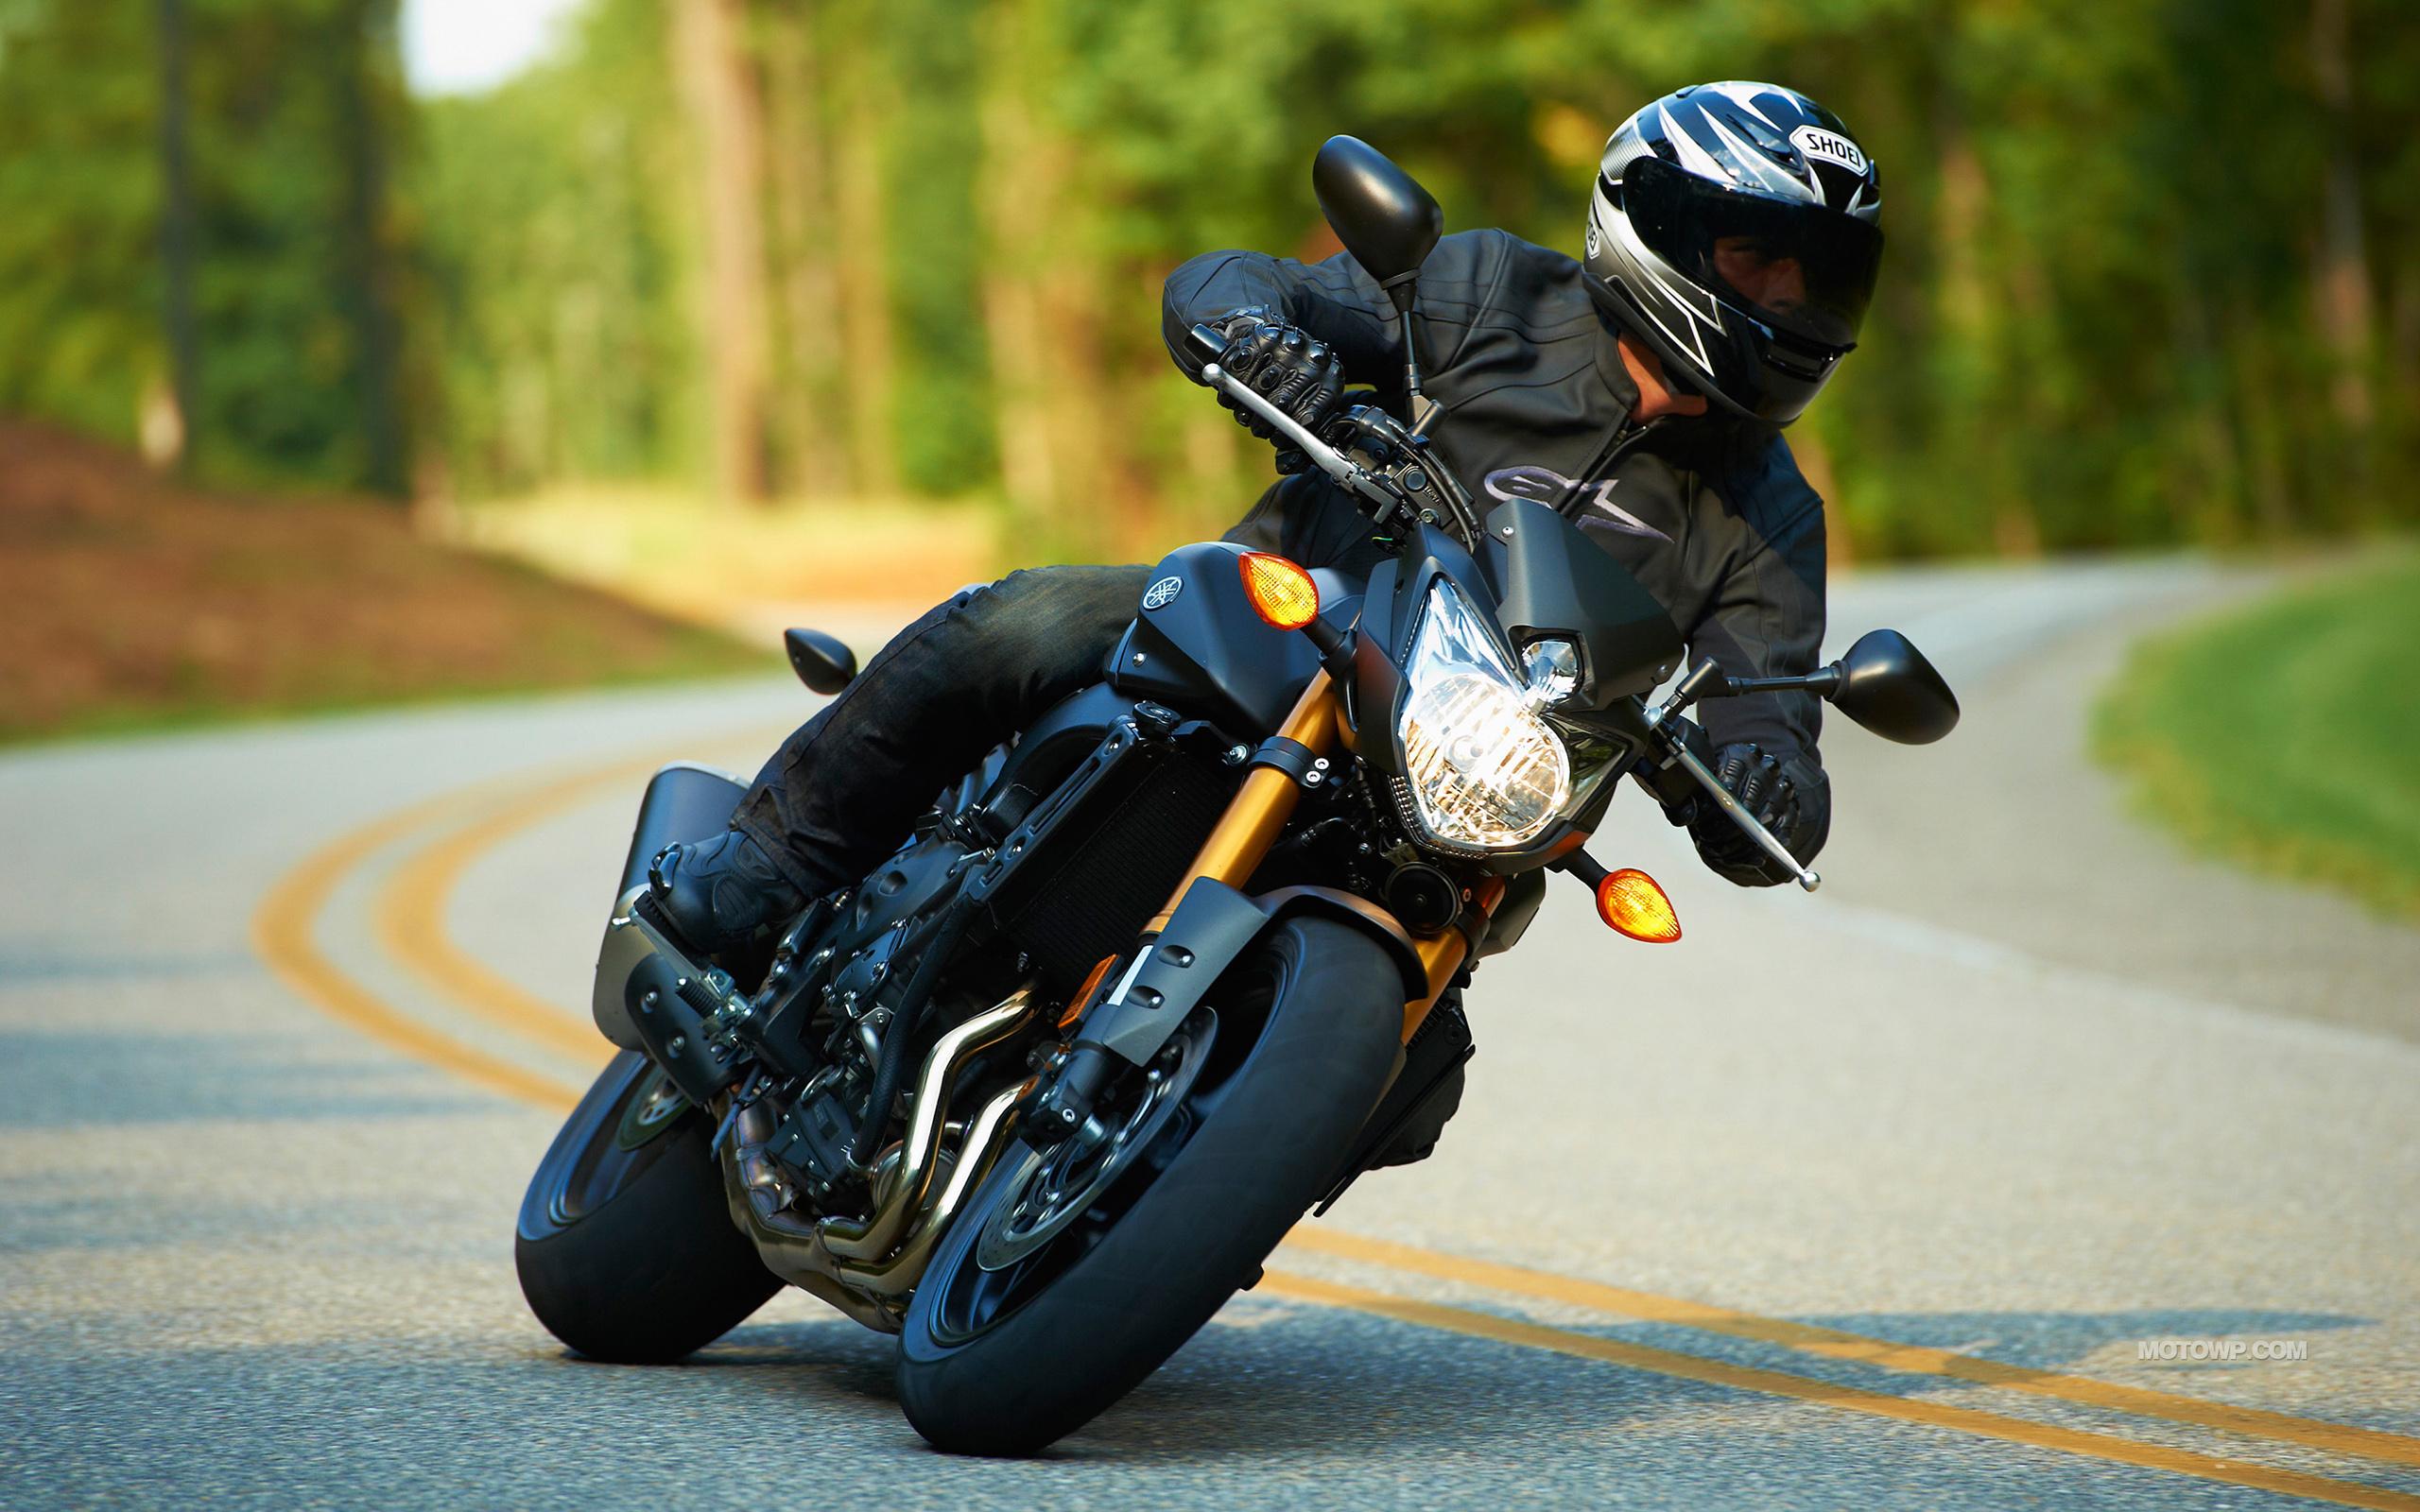 Motorcycles desktop wallpapers Yamaha FZ8   2012 2560x1600